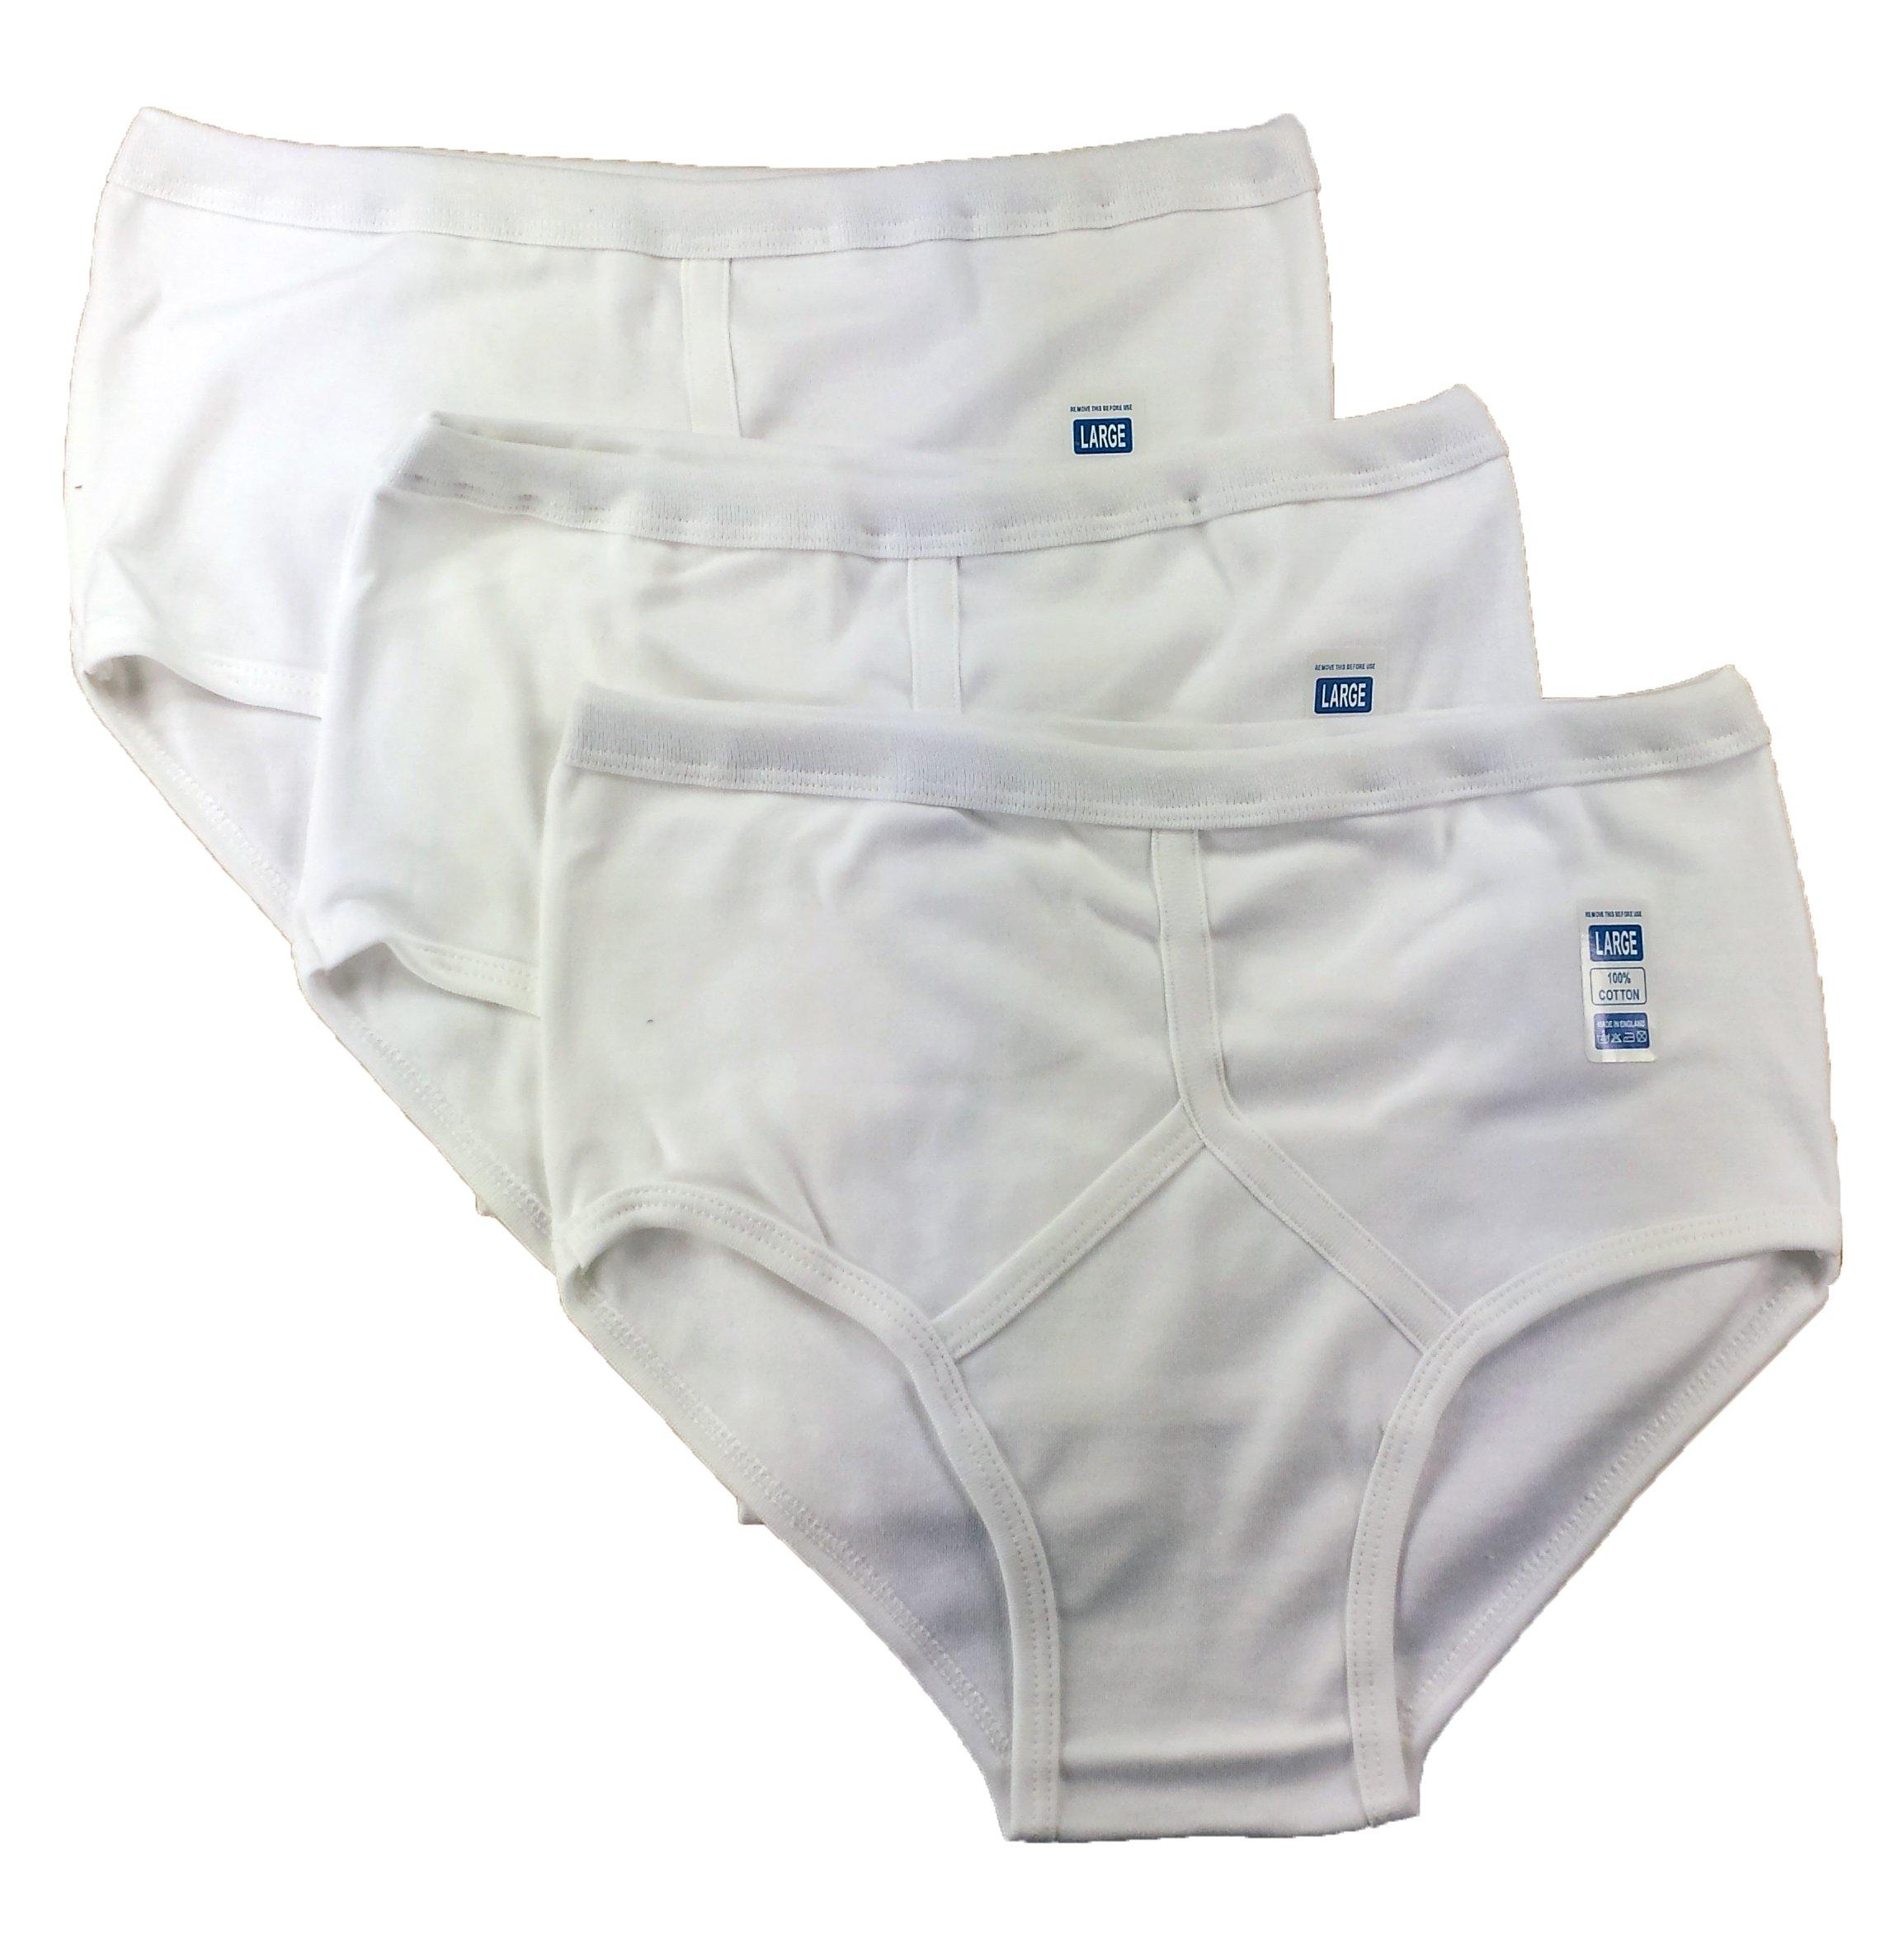 4b42f87c78 Best Rated in Men s Underwear Briefs   Helpful Customer Reviews ...